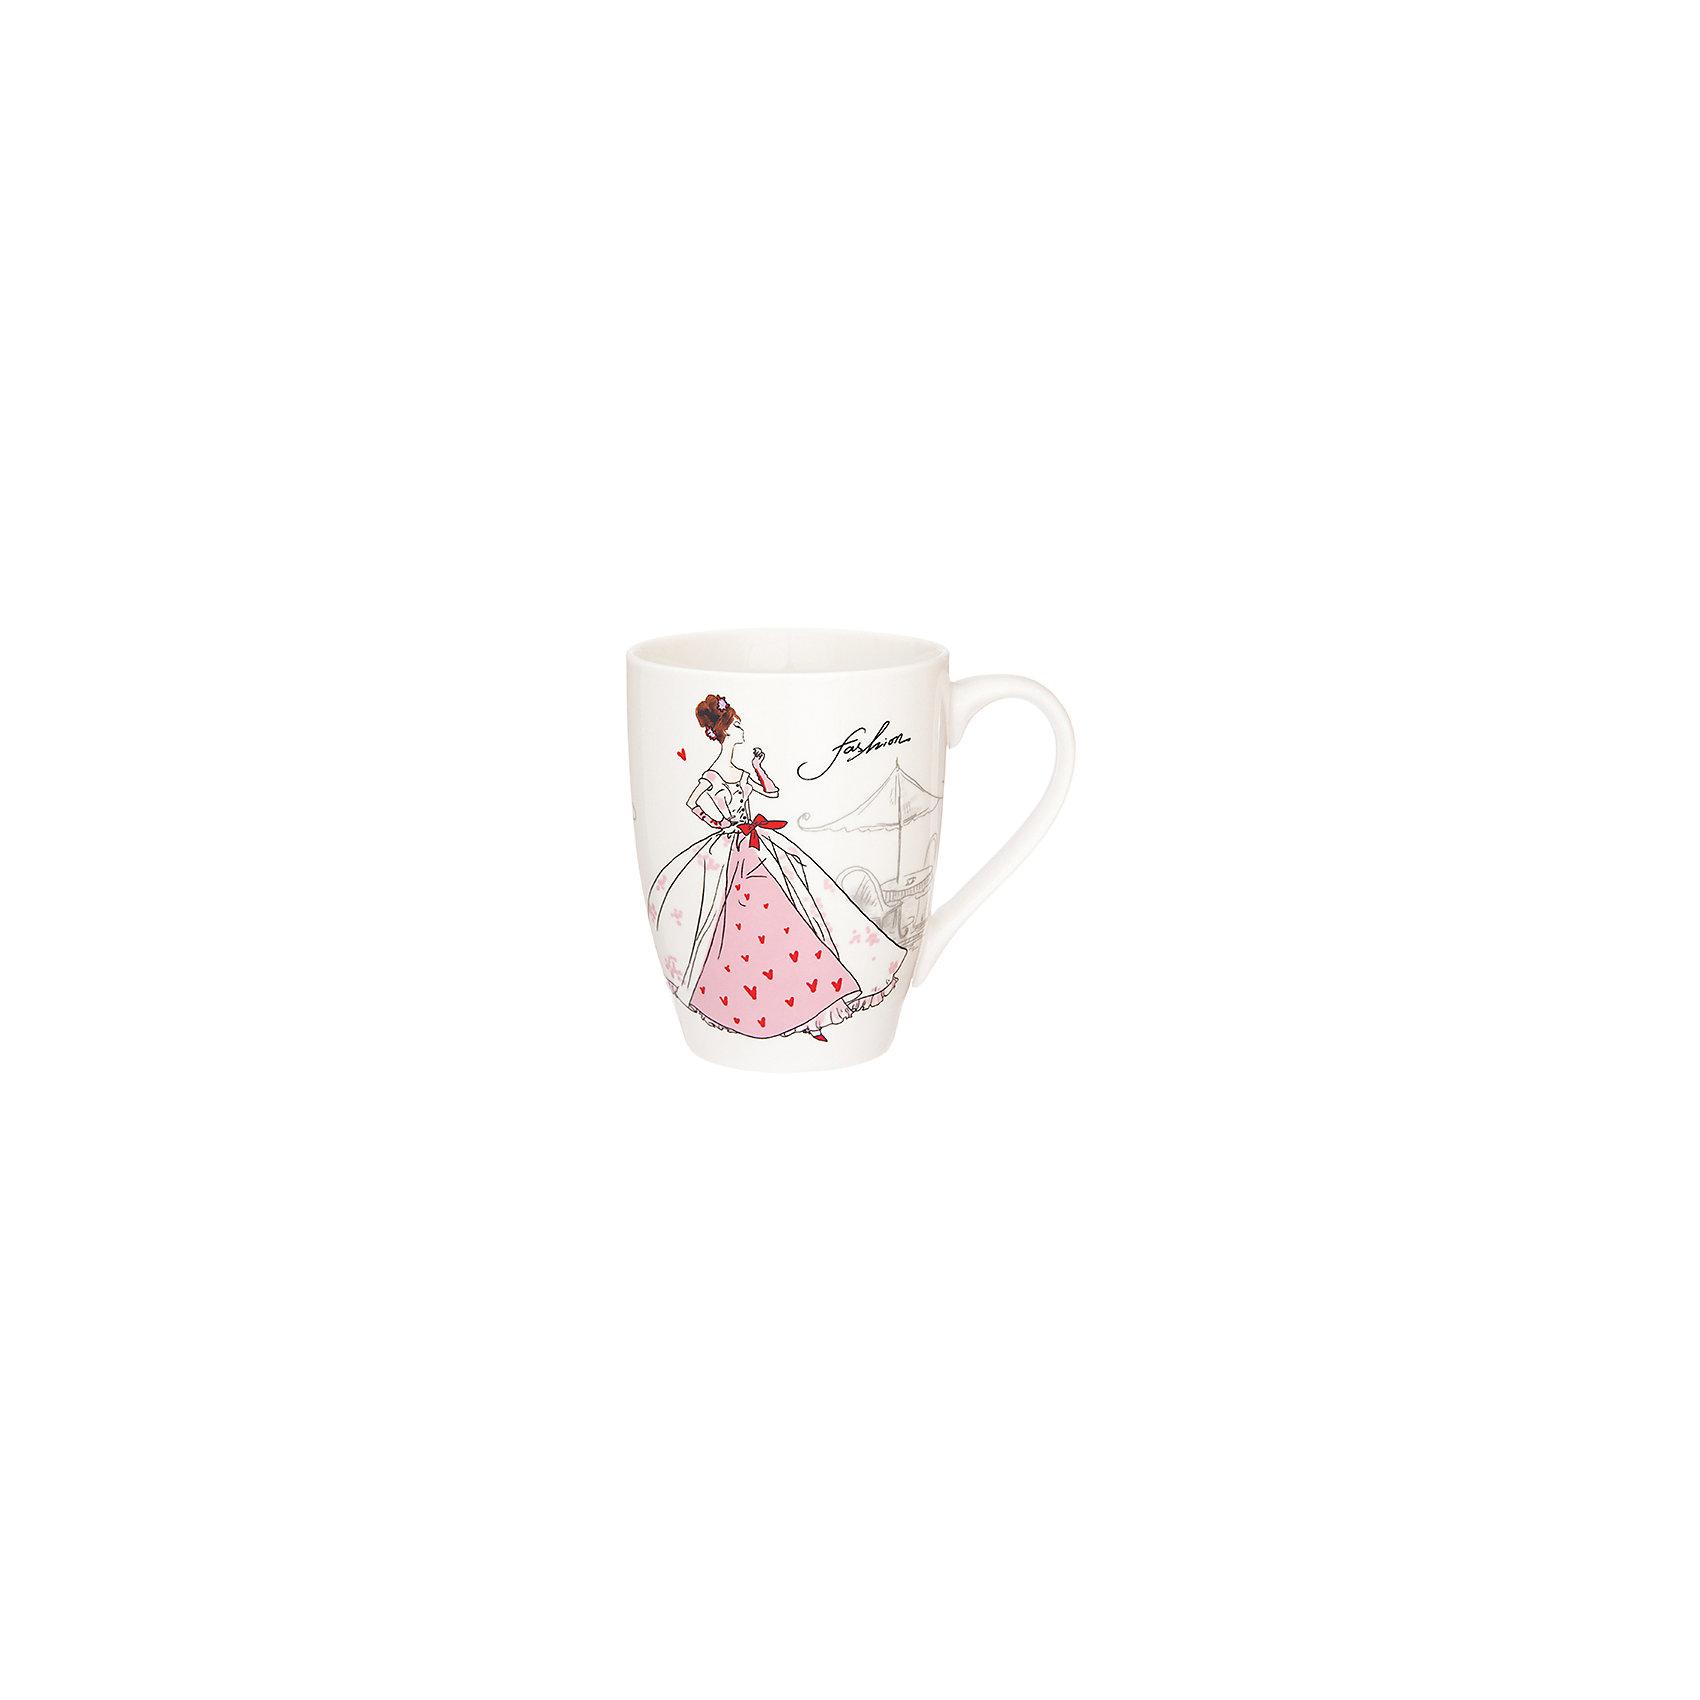 Кружка 370 мл Мода ретро розовая, Elan GalleryПосуда<br>Кружка 370 мл  Elan Gallery 11,5*8*10 см. Мода ретро розовая, Elan Gallery Кружка классической формы объемом 370 мл с удобной ручкой. Подходят для любых горячих и холодных напитков, чая, кофе, какао. Изделие имеет подарочную упаковку, поэтому станет желанным подарком для Ваших близких! Не рекомендуется применять абразивные моющие средства.<br><br>Ширина мм: 103<br>Глубина мм: 86<br>Высота мм: 107<br>Вес г: 267<br>Возраст от месяцев: 0<br>Возраст до месяцев: 1188<br>Пол: Унисекс<br>Возраст: Детский<br>SKU: 6668867